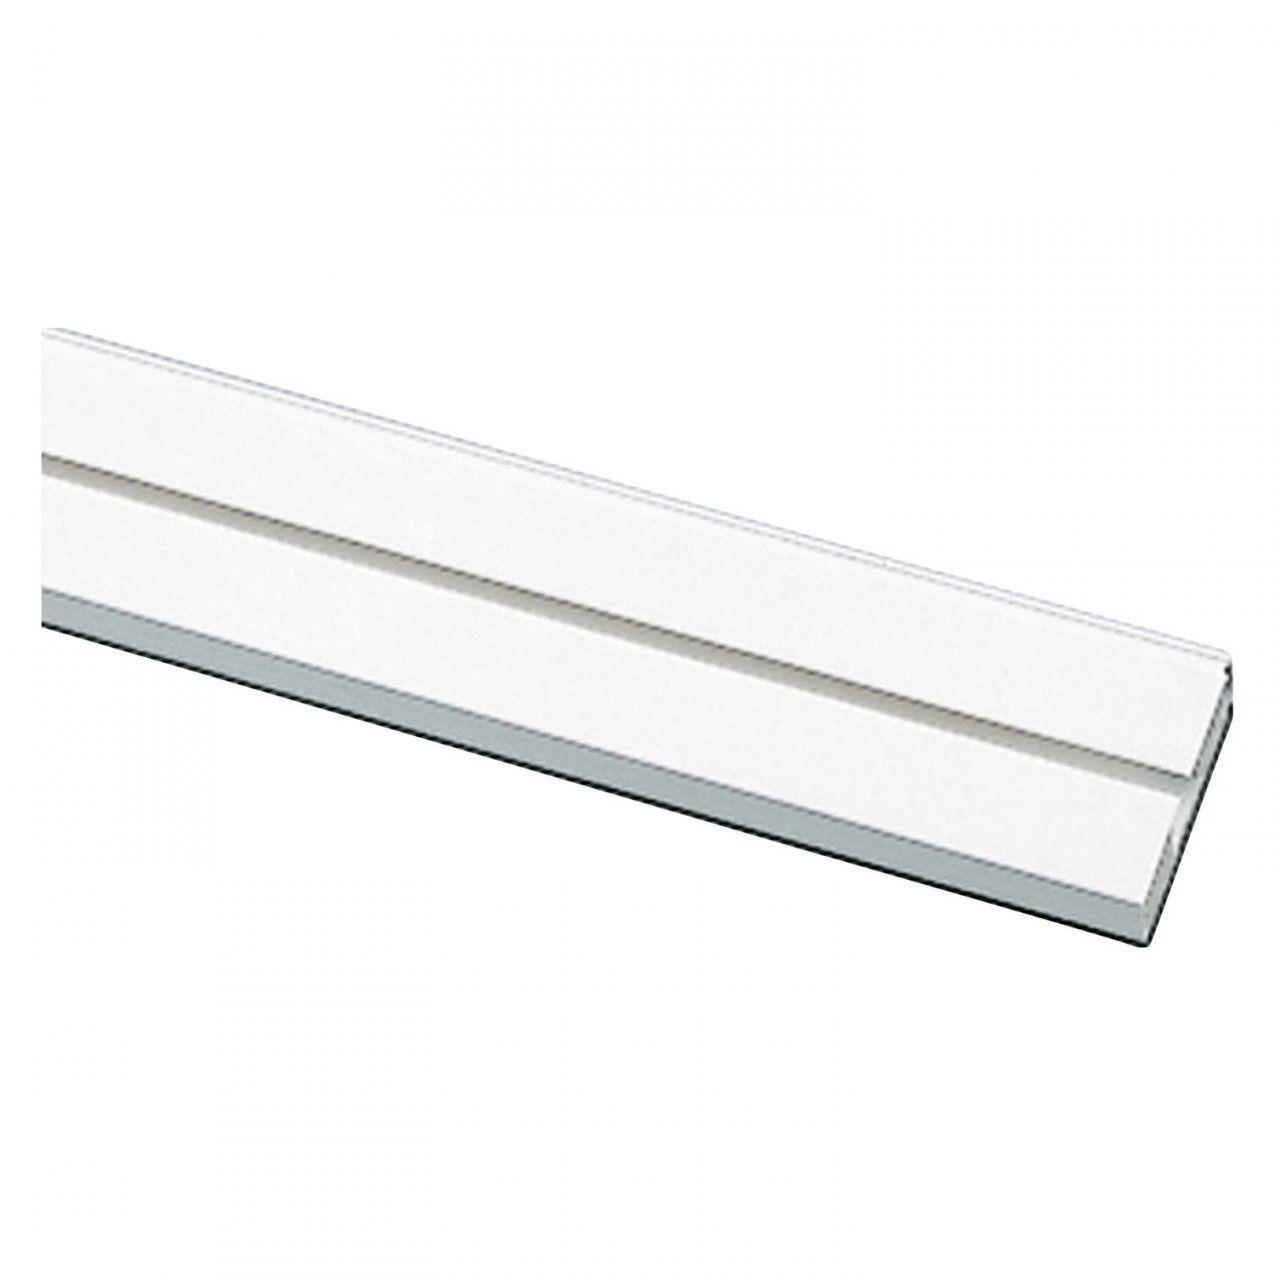 Gardinia Vorhangschiene 1Läufig Ge1 Weiß 300 Cm Kaufen Bei Obi von Gardinenschiene 1 Läufig Deckenmontage Bild